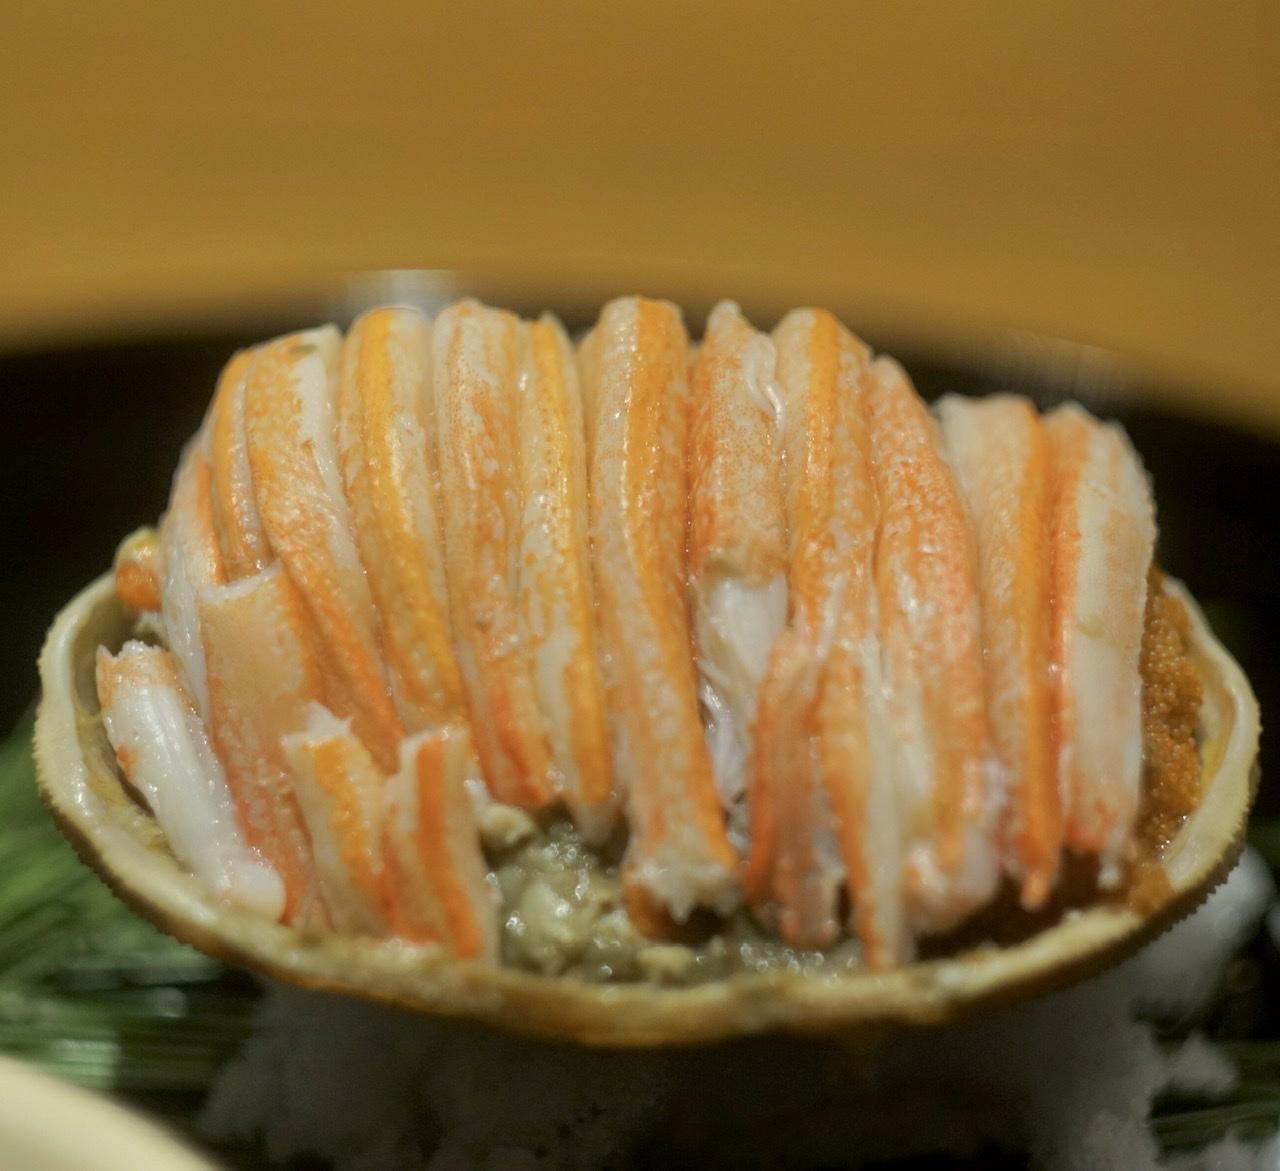 至高の晩餐 神楽坂光石Vol.3_c0180686_02053740.jpeg